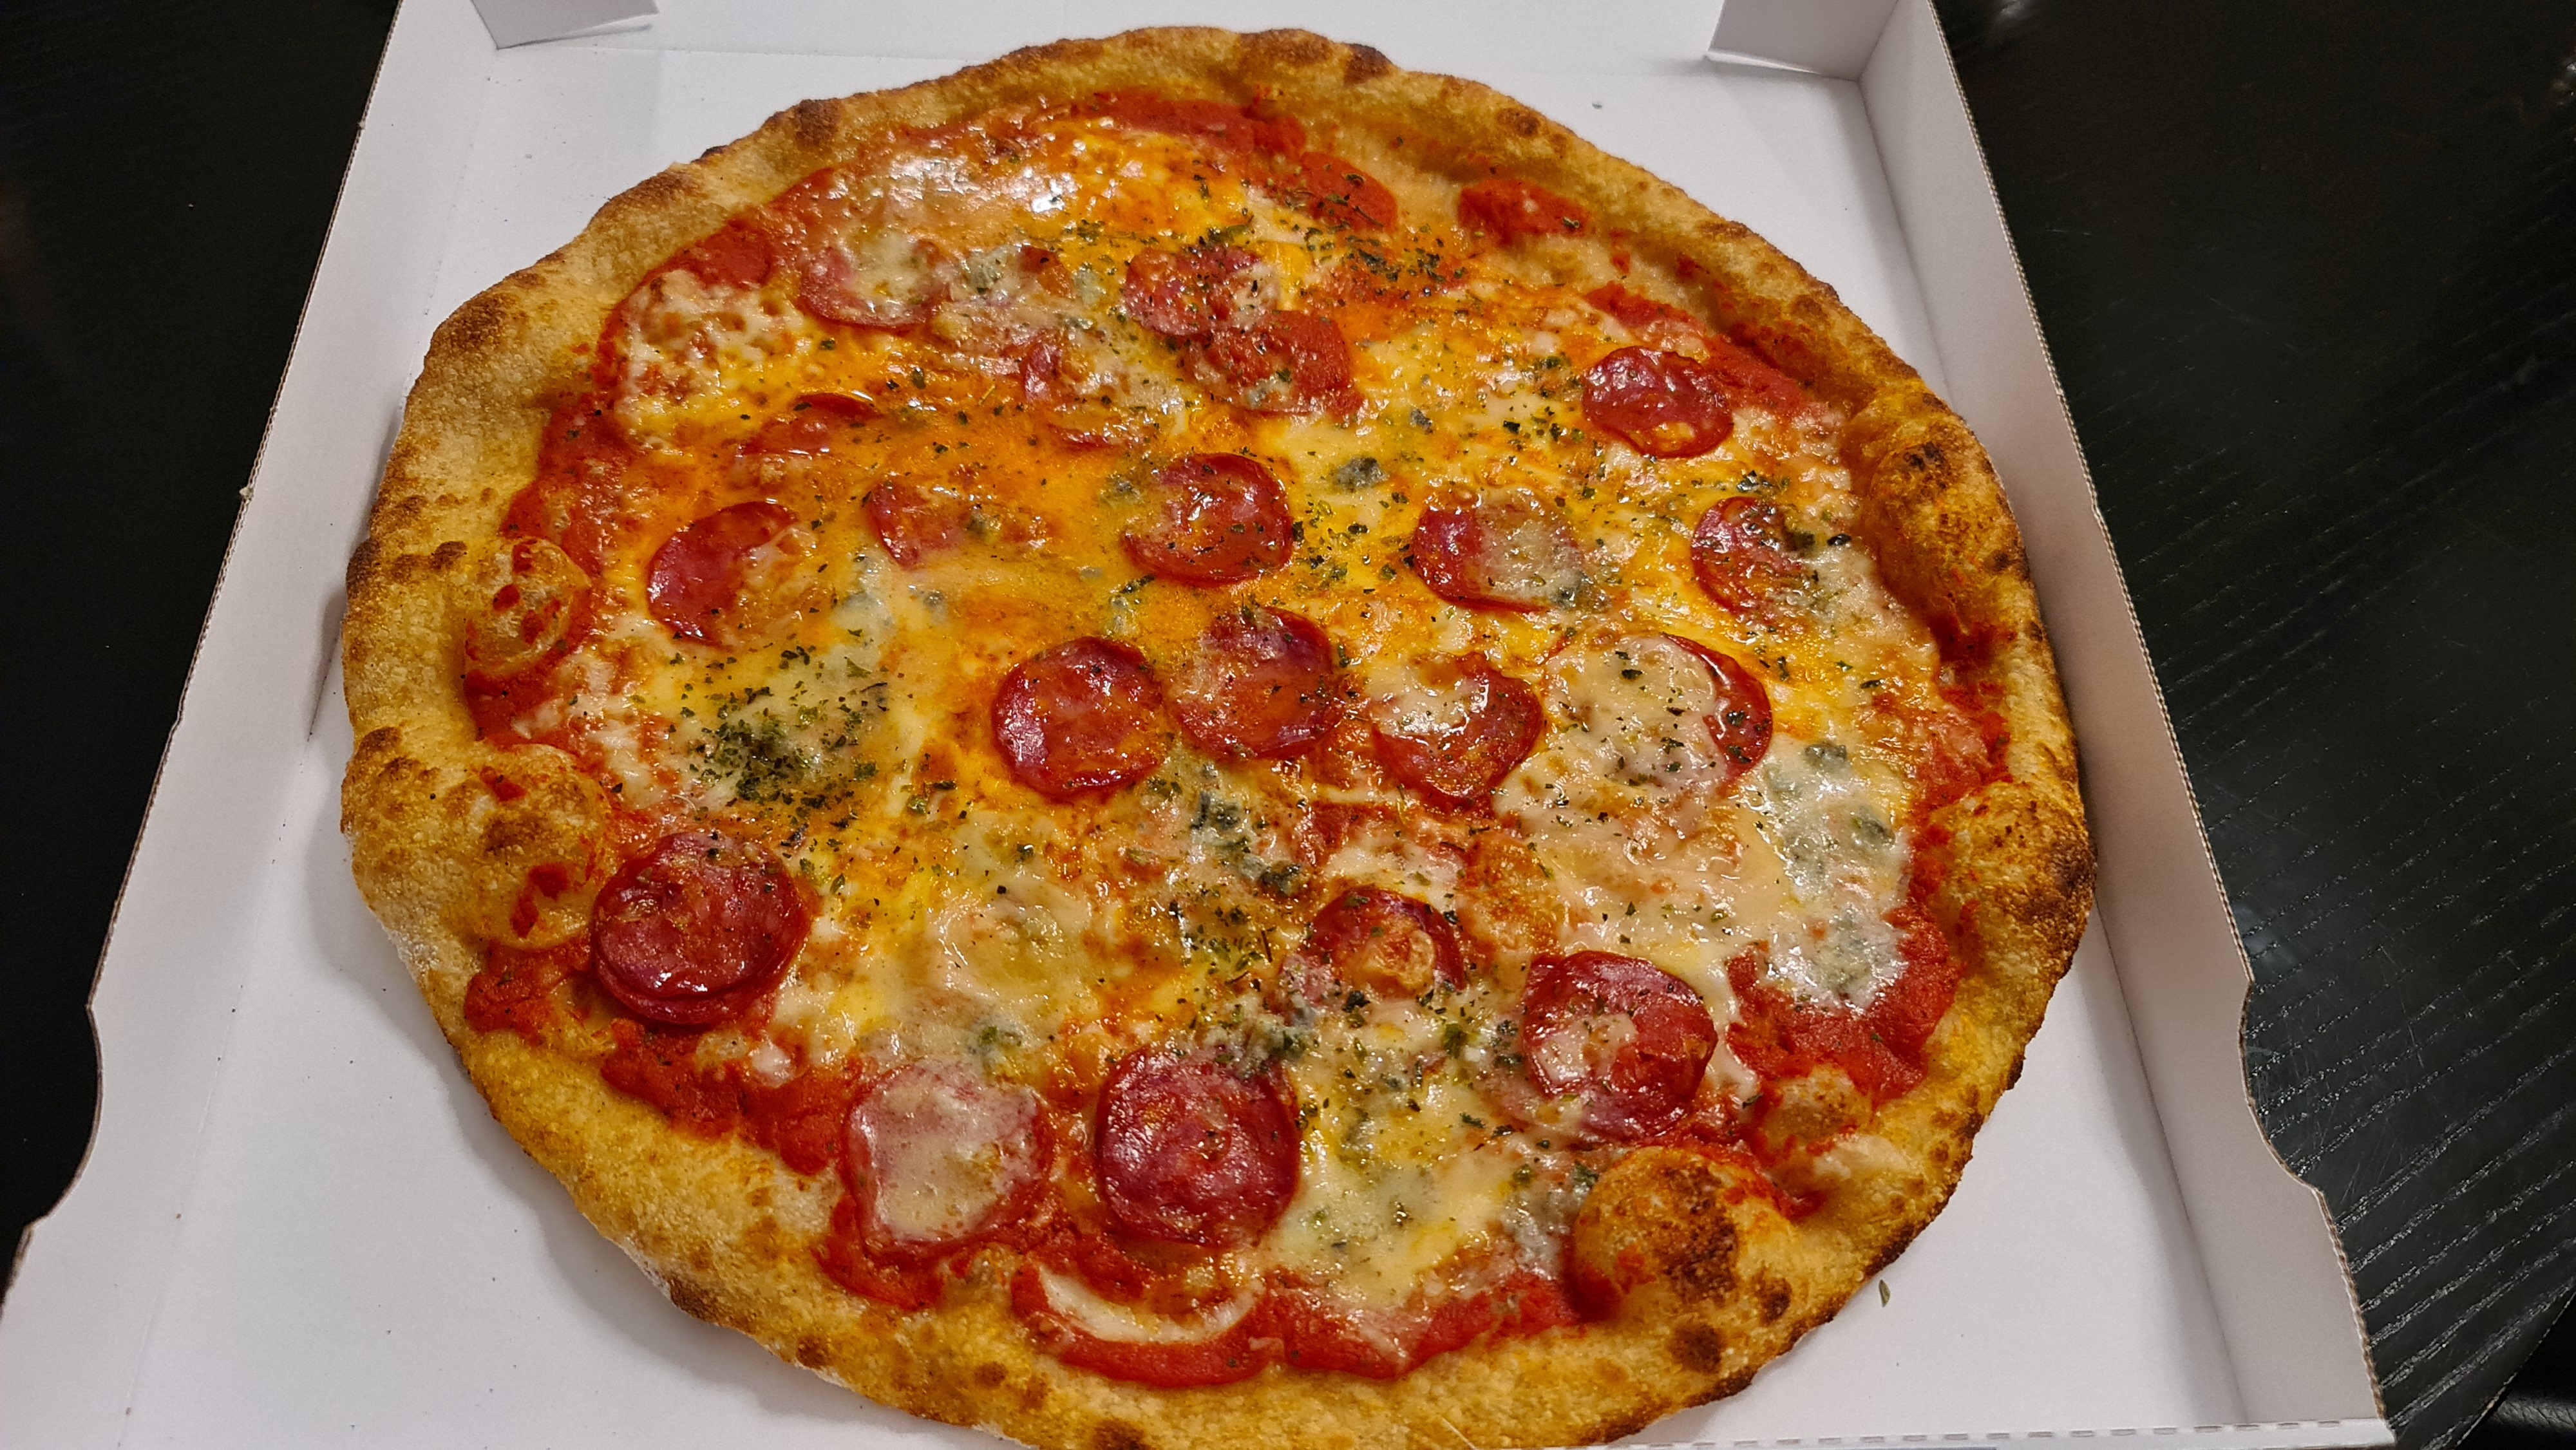 https://foodloader.net/Holz_2020-11-30_Pizza.jpg